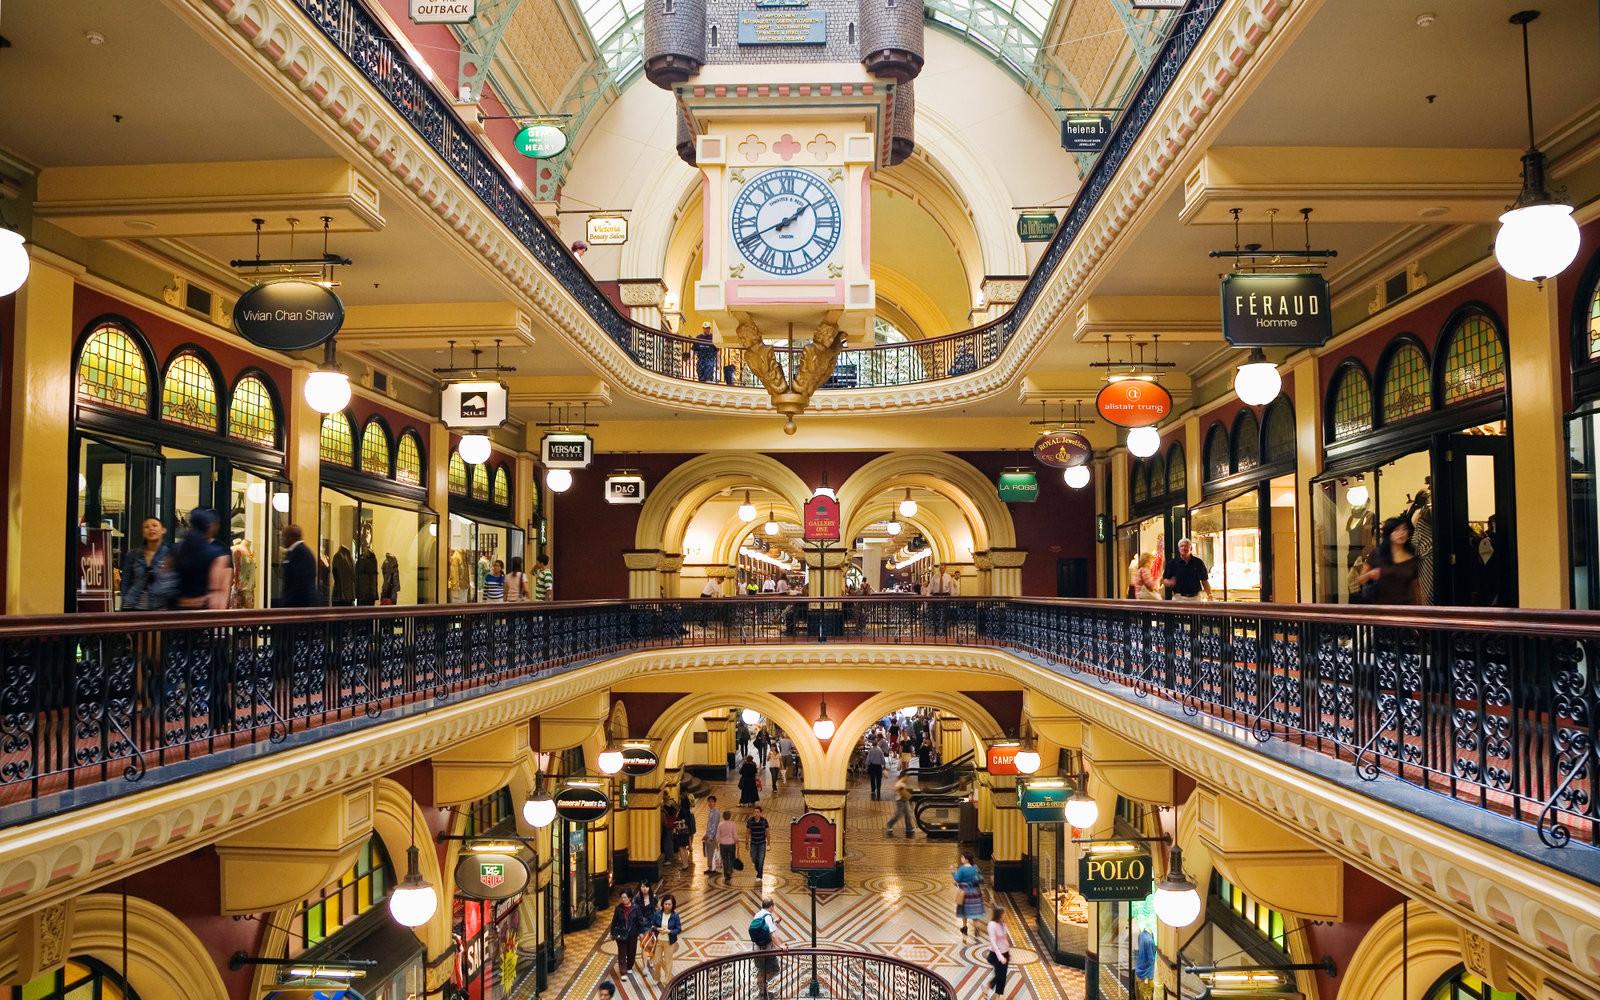 Tham quan chợ Nữ hoàng Victoria ngay giữa lòng thành phố Melbourne hiện đại - ảnh 4